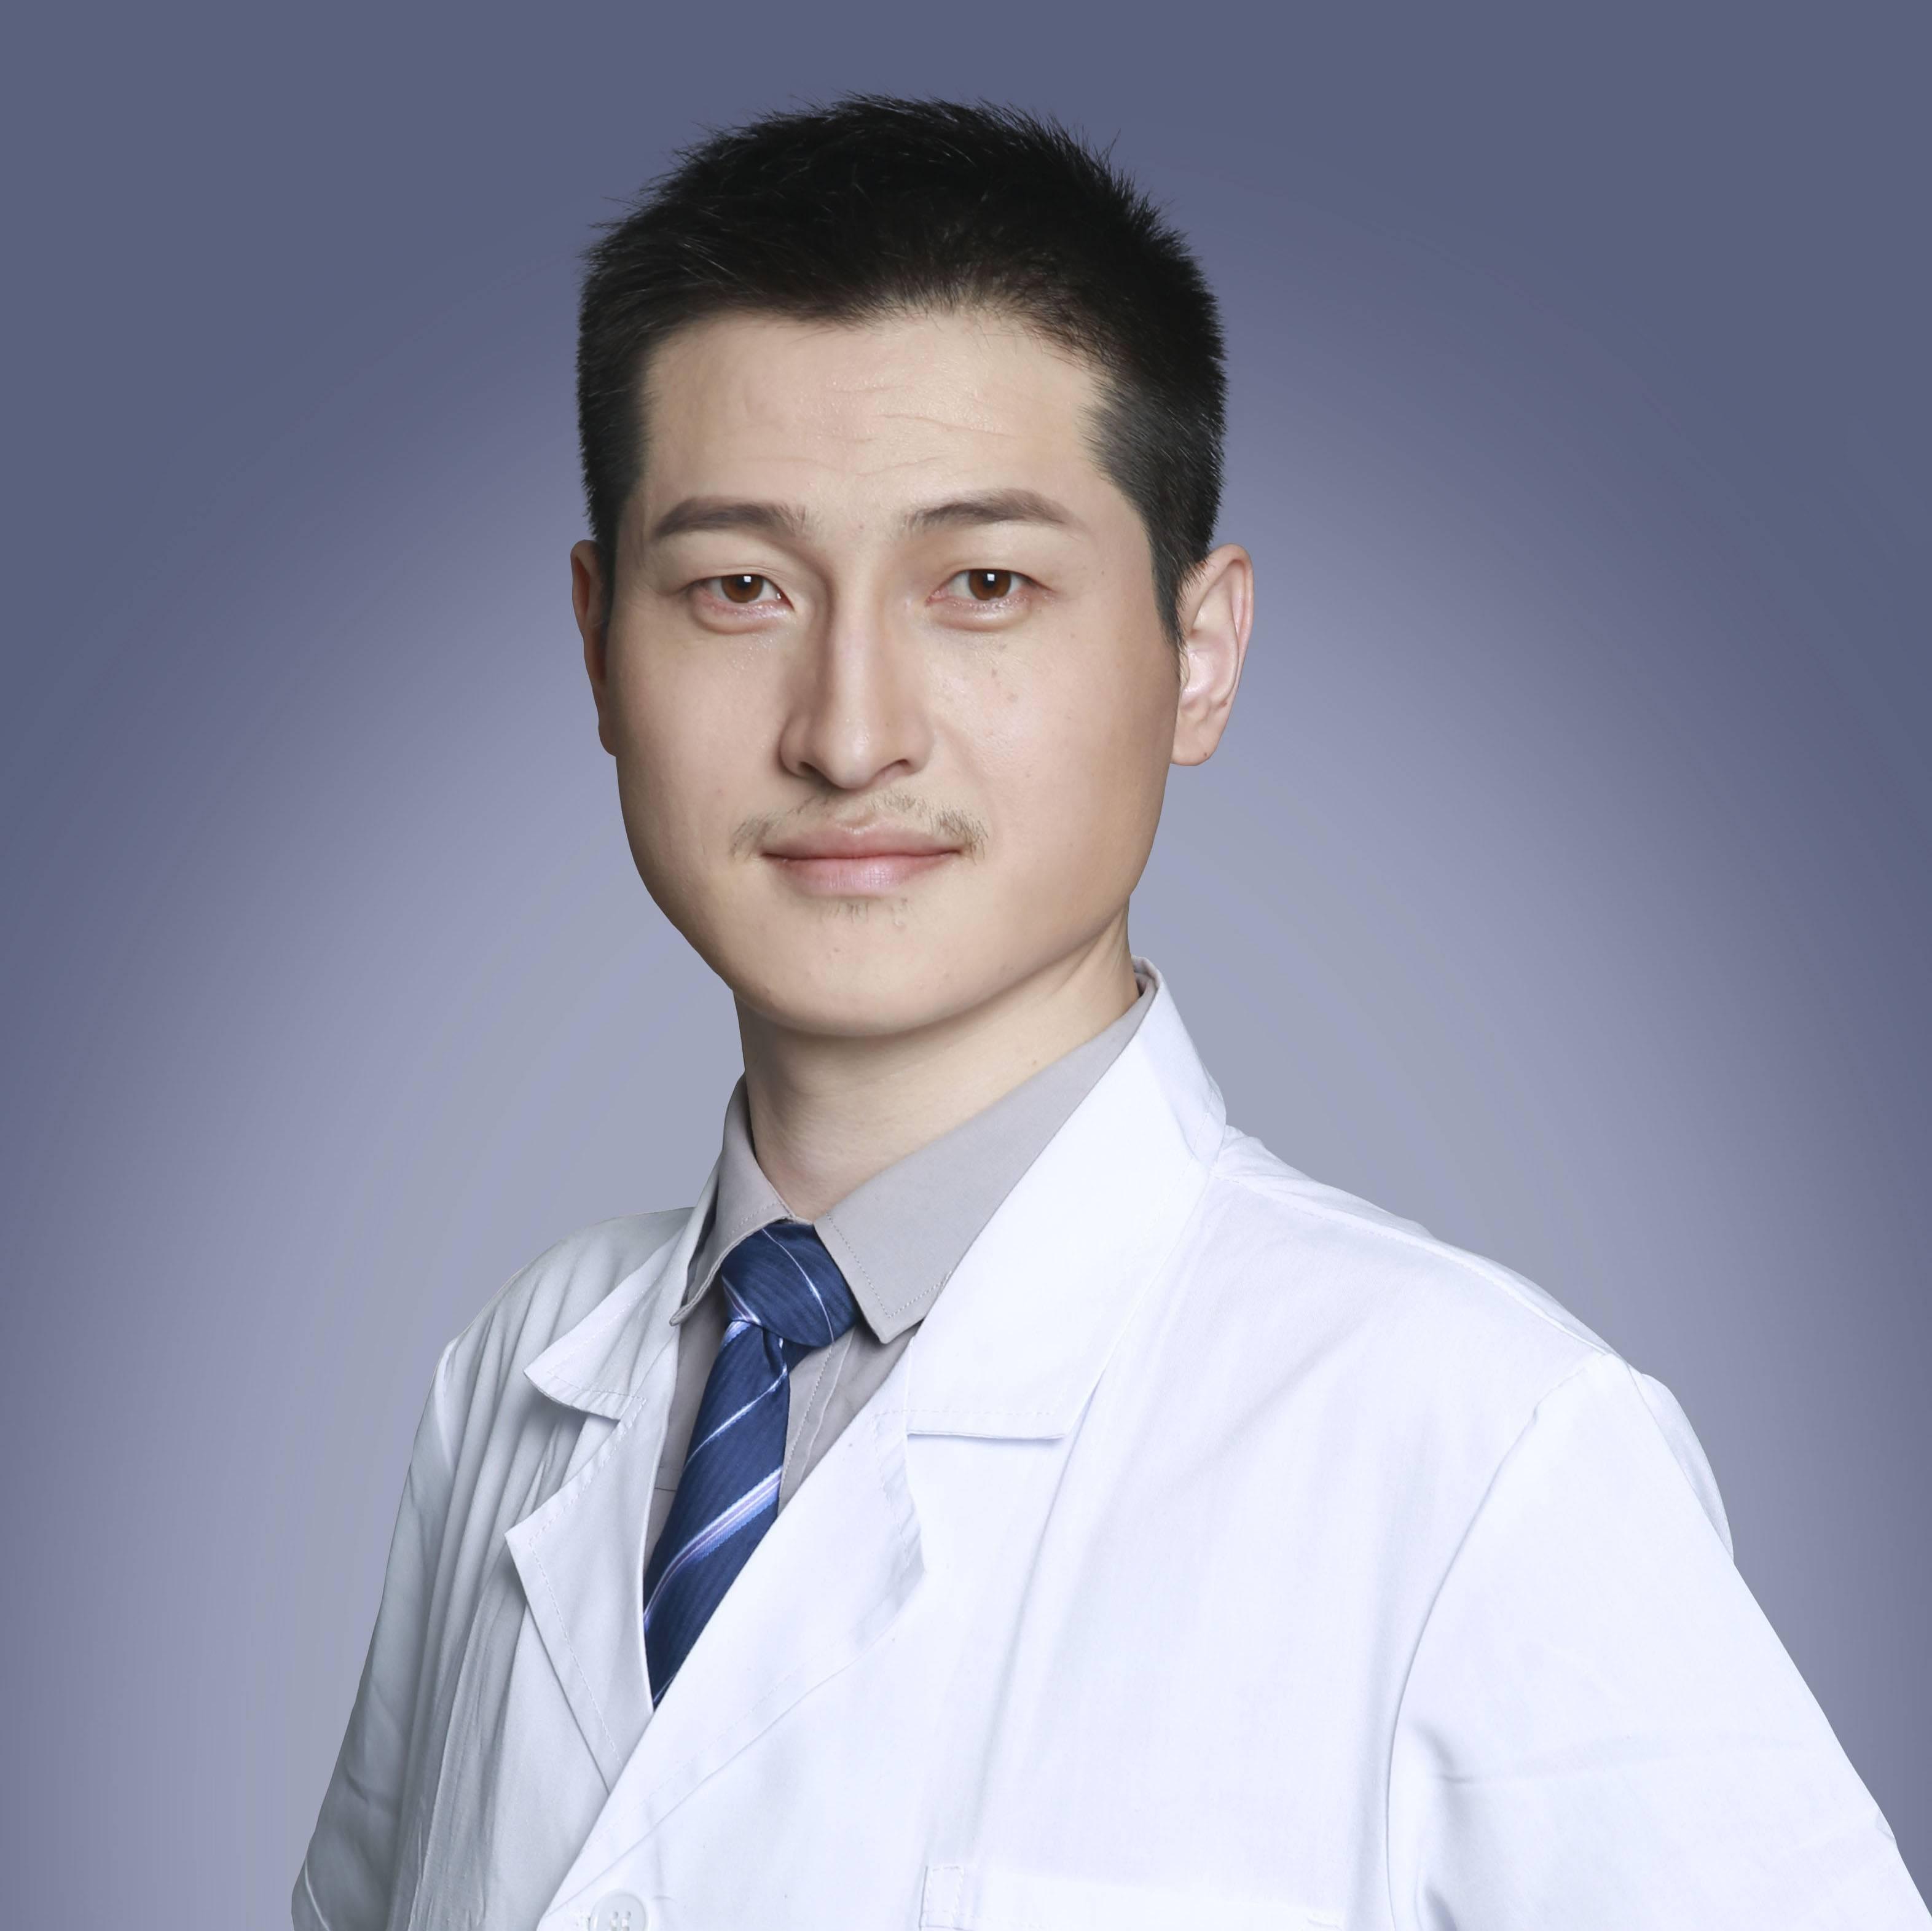 薛林兵医生